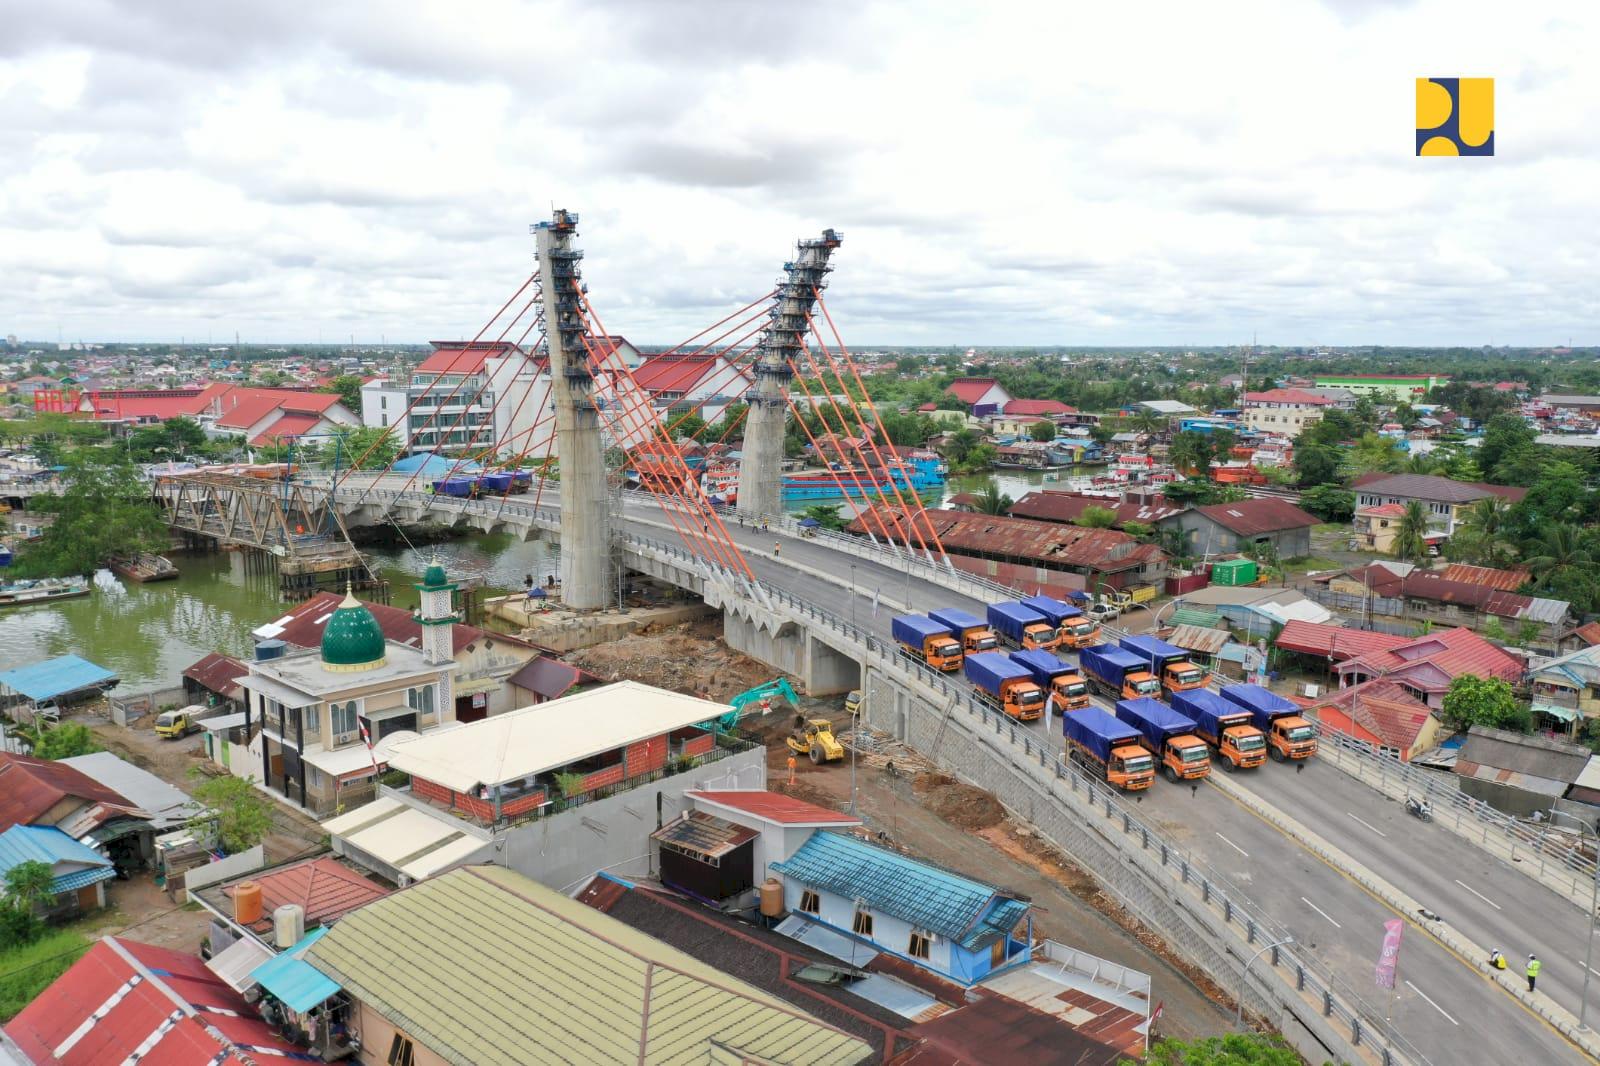 Kementerian PUPR Siap Lakukan Uji Coba Jembatan Sei Alalak